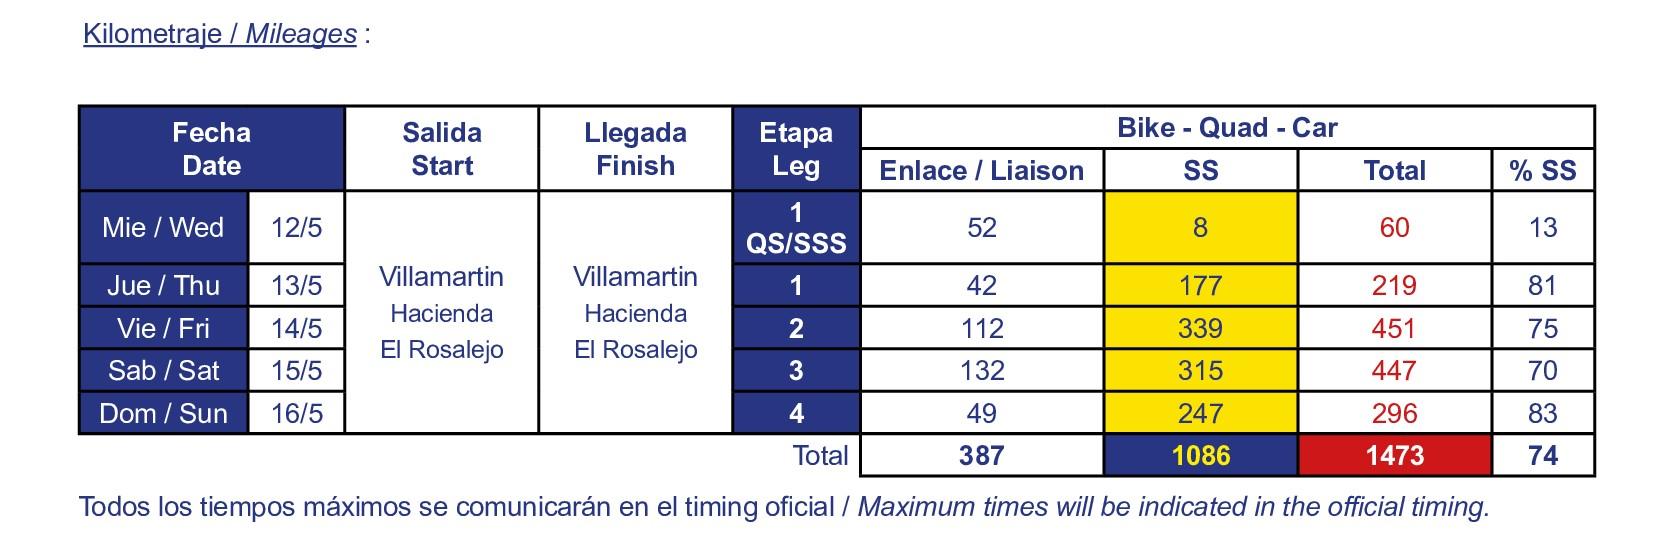 Kilometraje Andalucía Rally 2021